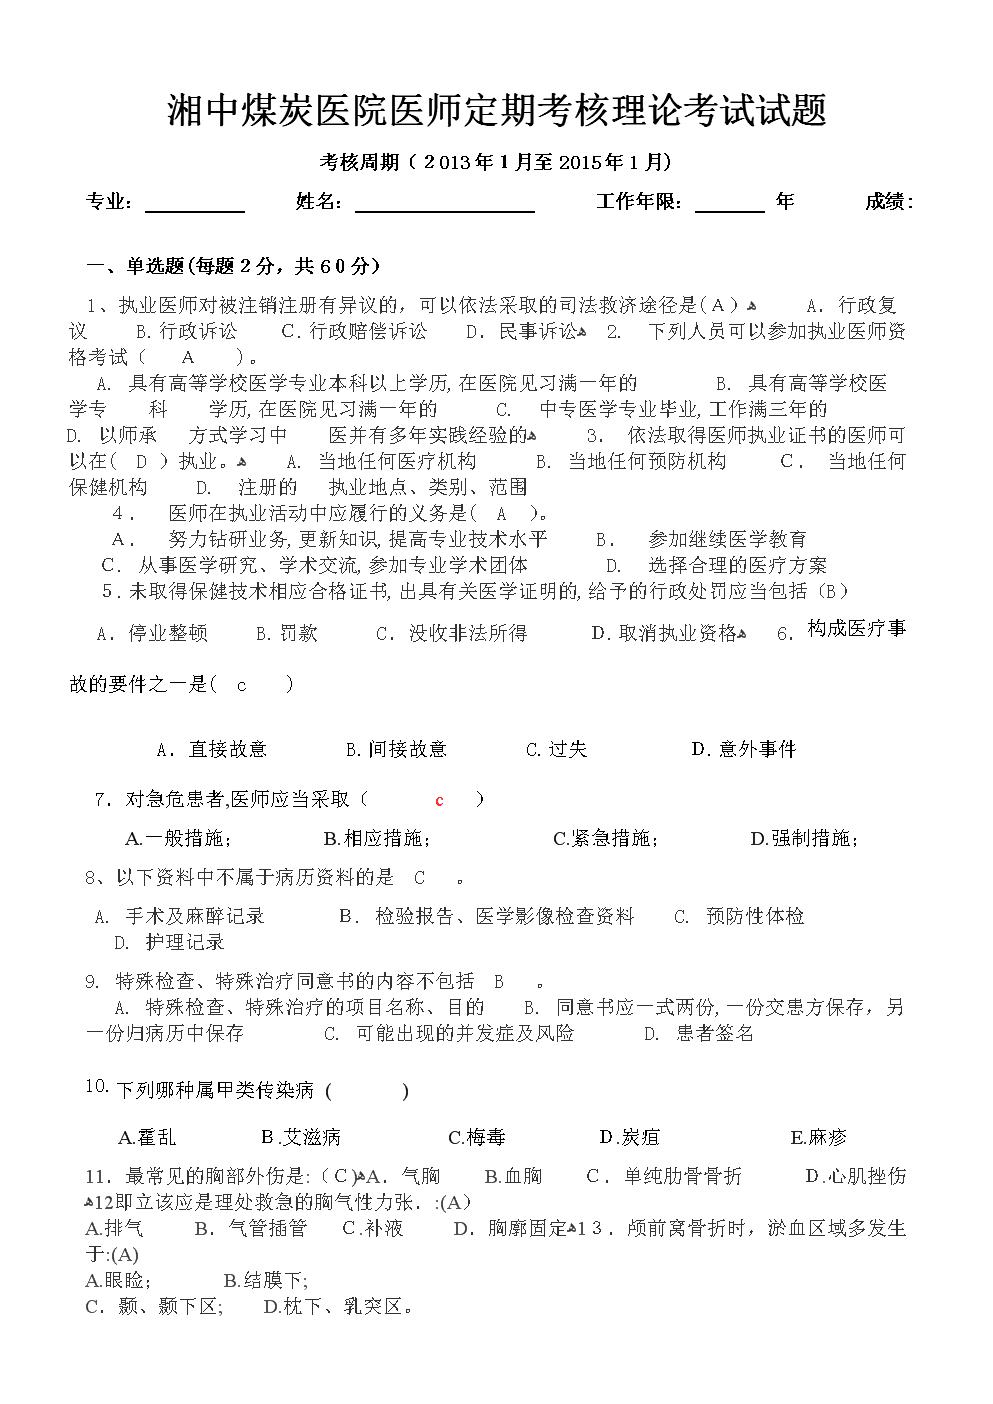 湘中煤炭医院医师定期考核理论考试试题答案.doc